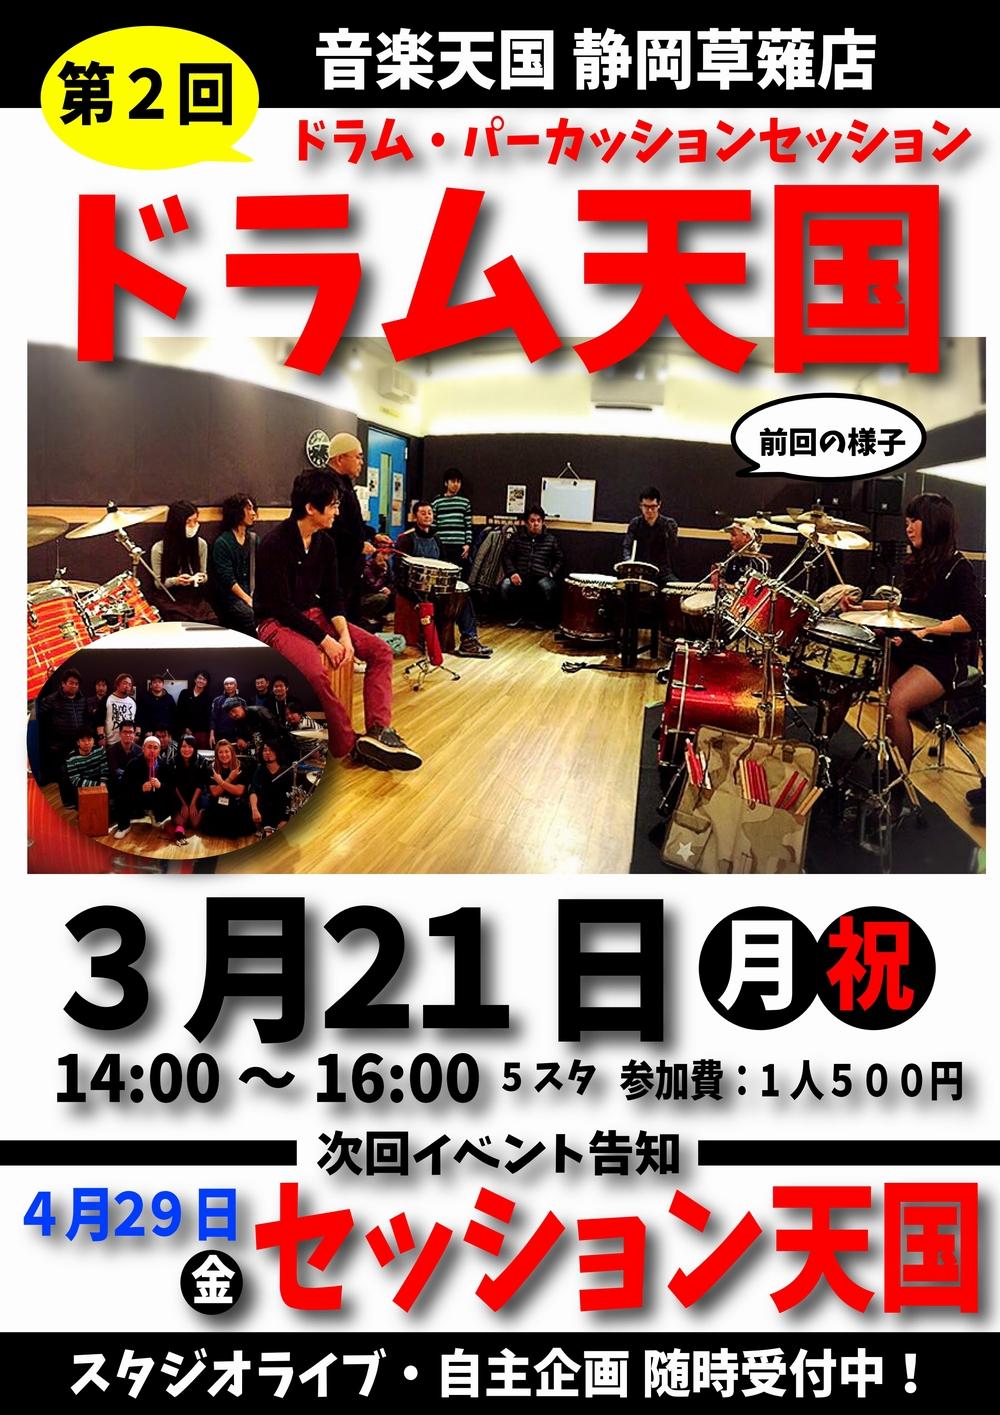 【ドラムセッション天国】音楽天国・草薙店3月21日(祝)開催!